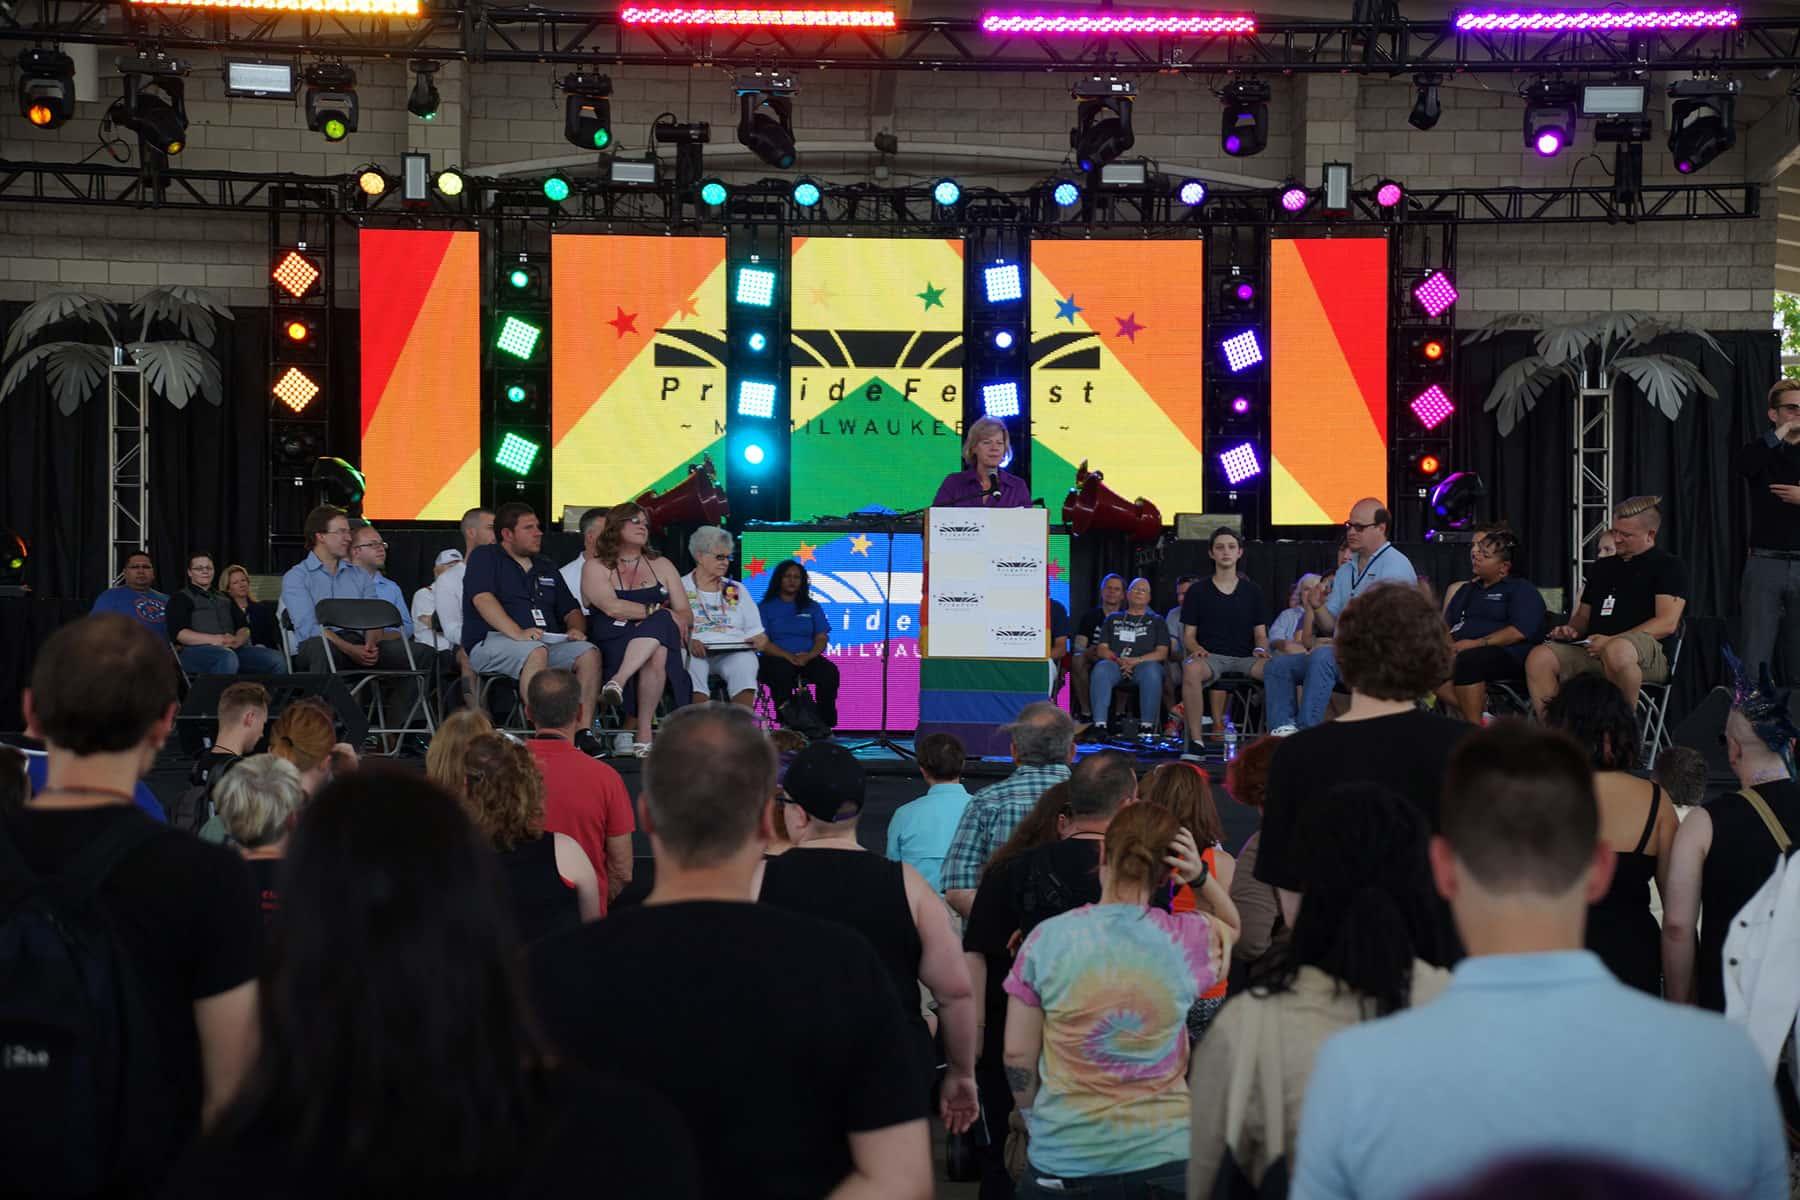 061016_Pridefest_0942